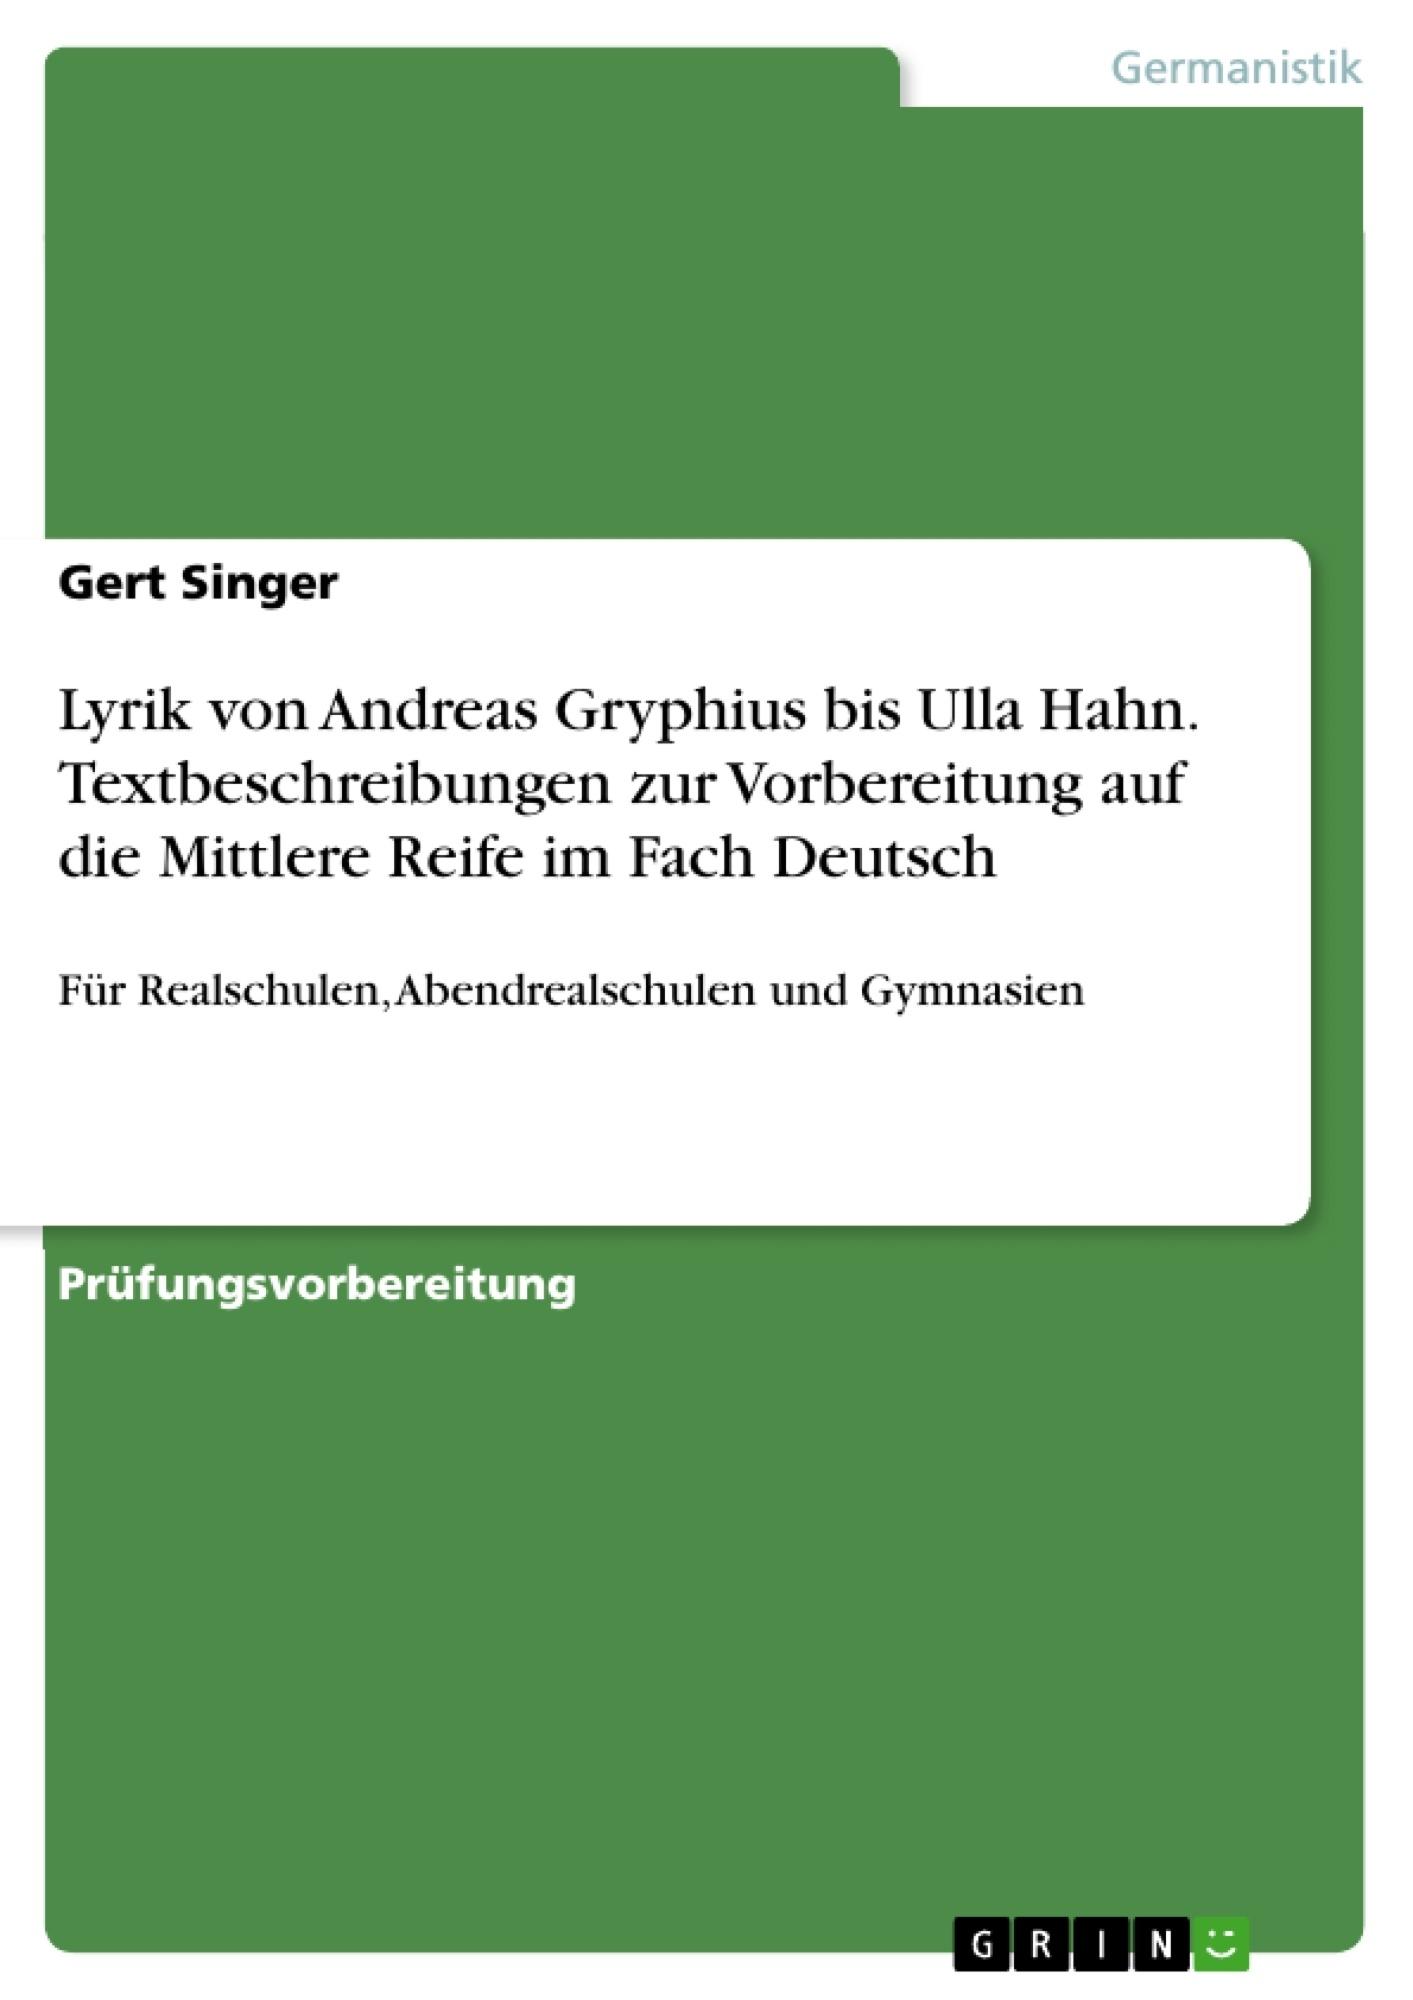 Titel: Lyrik von Andreas Gryphius bis Ulla Hahn. Textbeschreibungen zur Vorbereitung auf die Mittlere Reife im Fach Deutsch